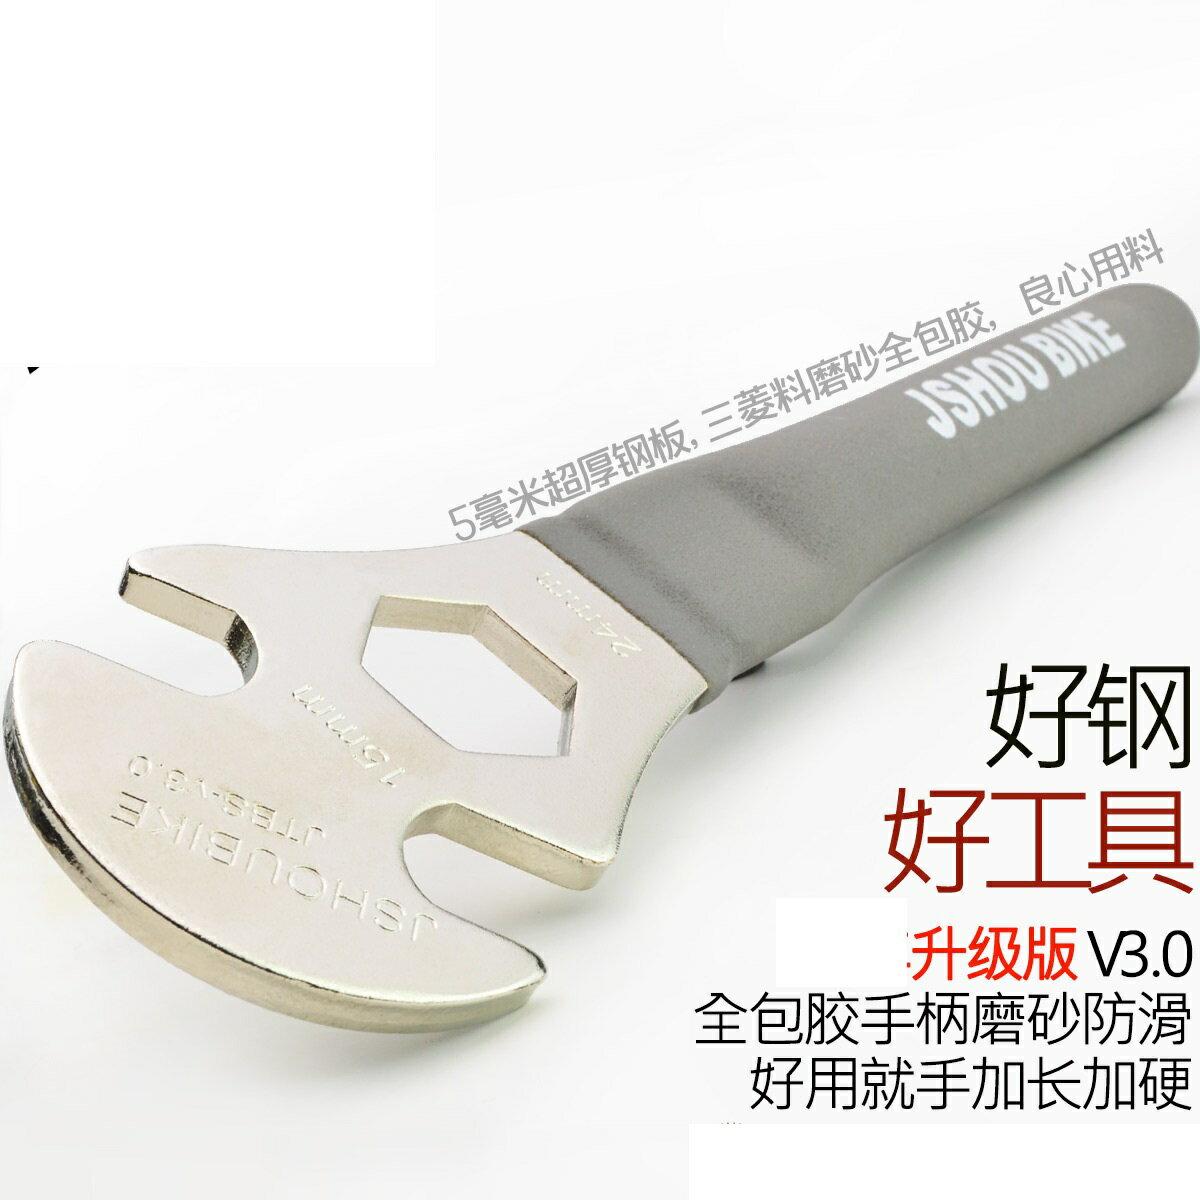 板手 自行車腳踏扳手 加長山地車腳踏扳手工具15mm死飛腳踏拆裝扳手『SS3517』